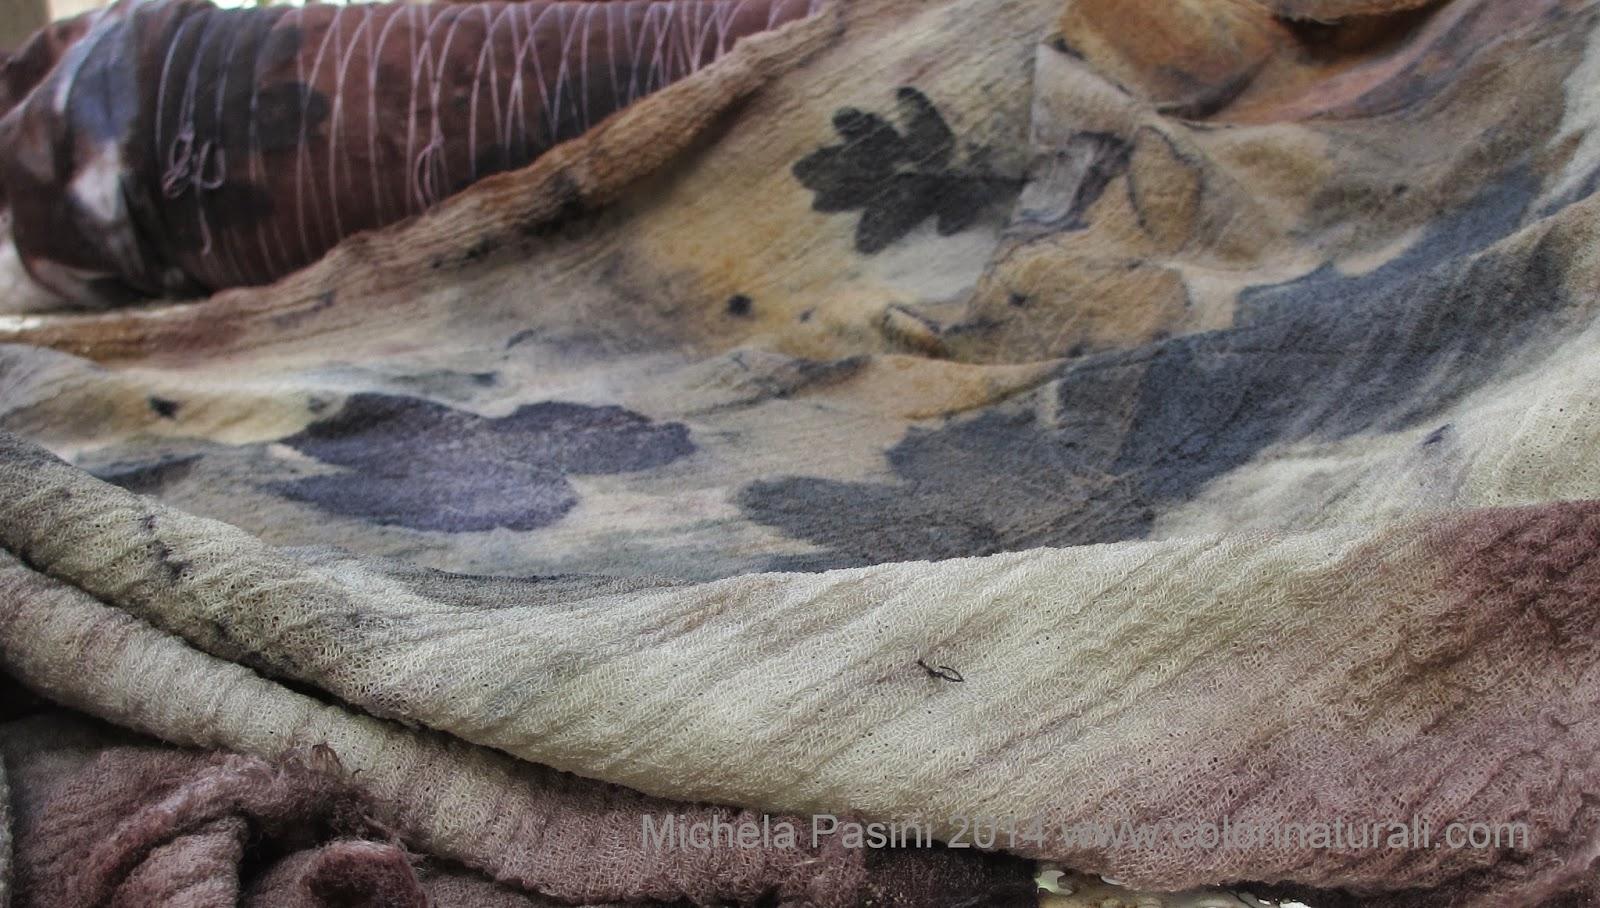 abbigliamento sostenibile ecoprint ecoprinting tintura naturale